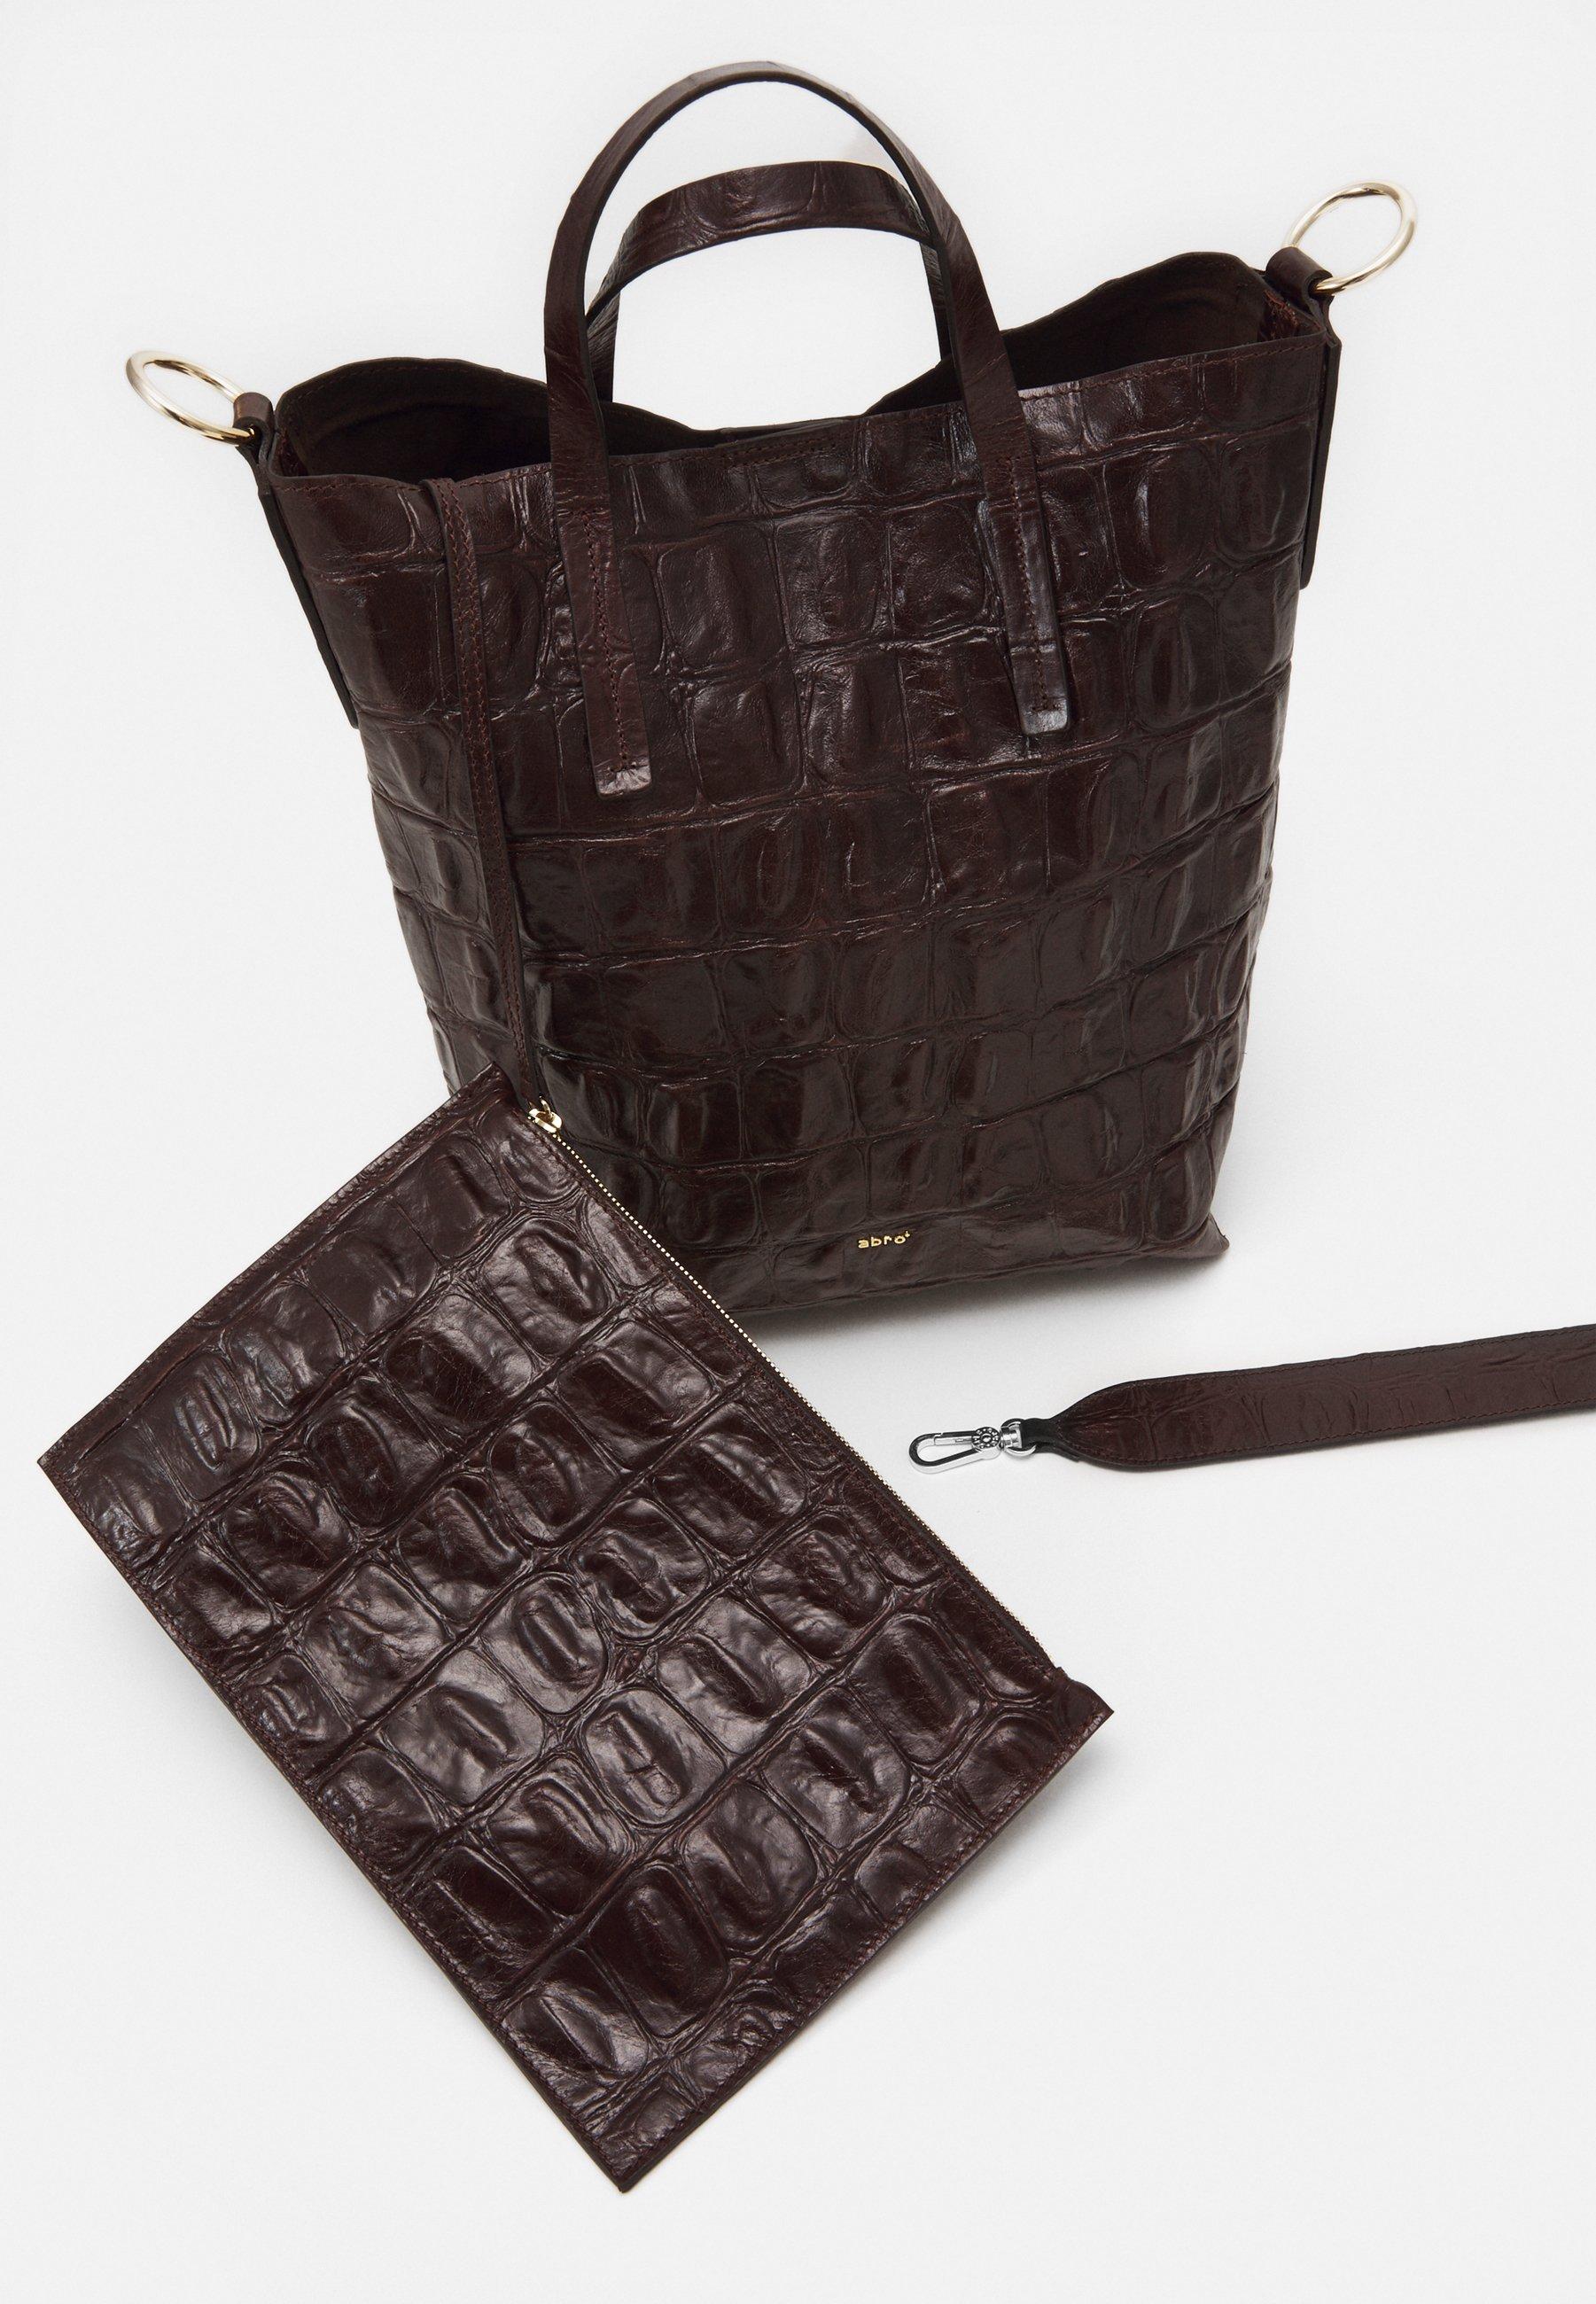 Abro Julie Set - Håndtasker Dark Brown